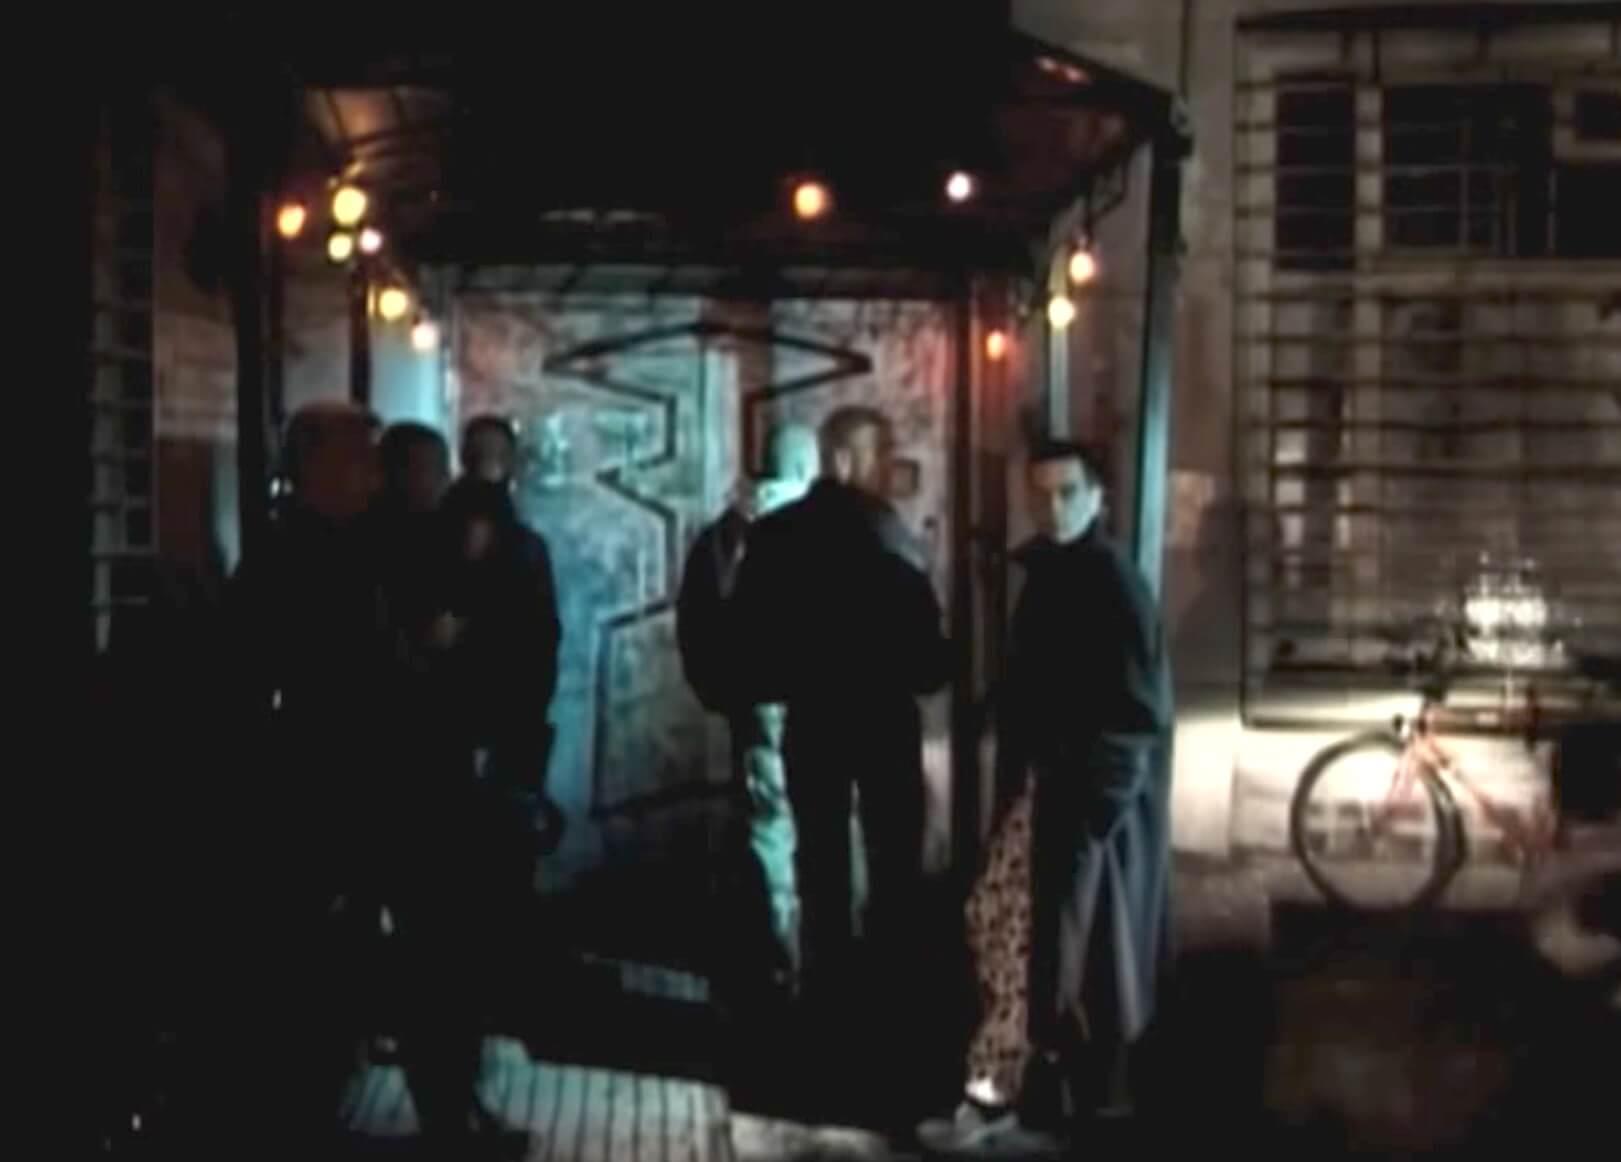 Bunker sex full movie scene